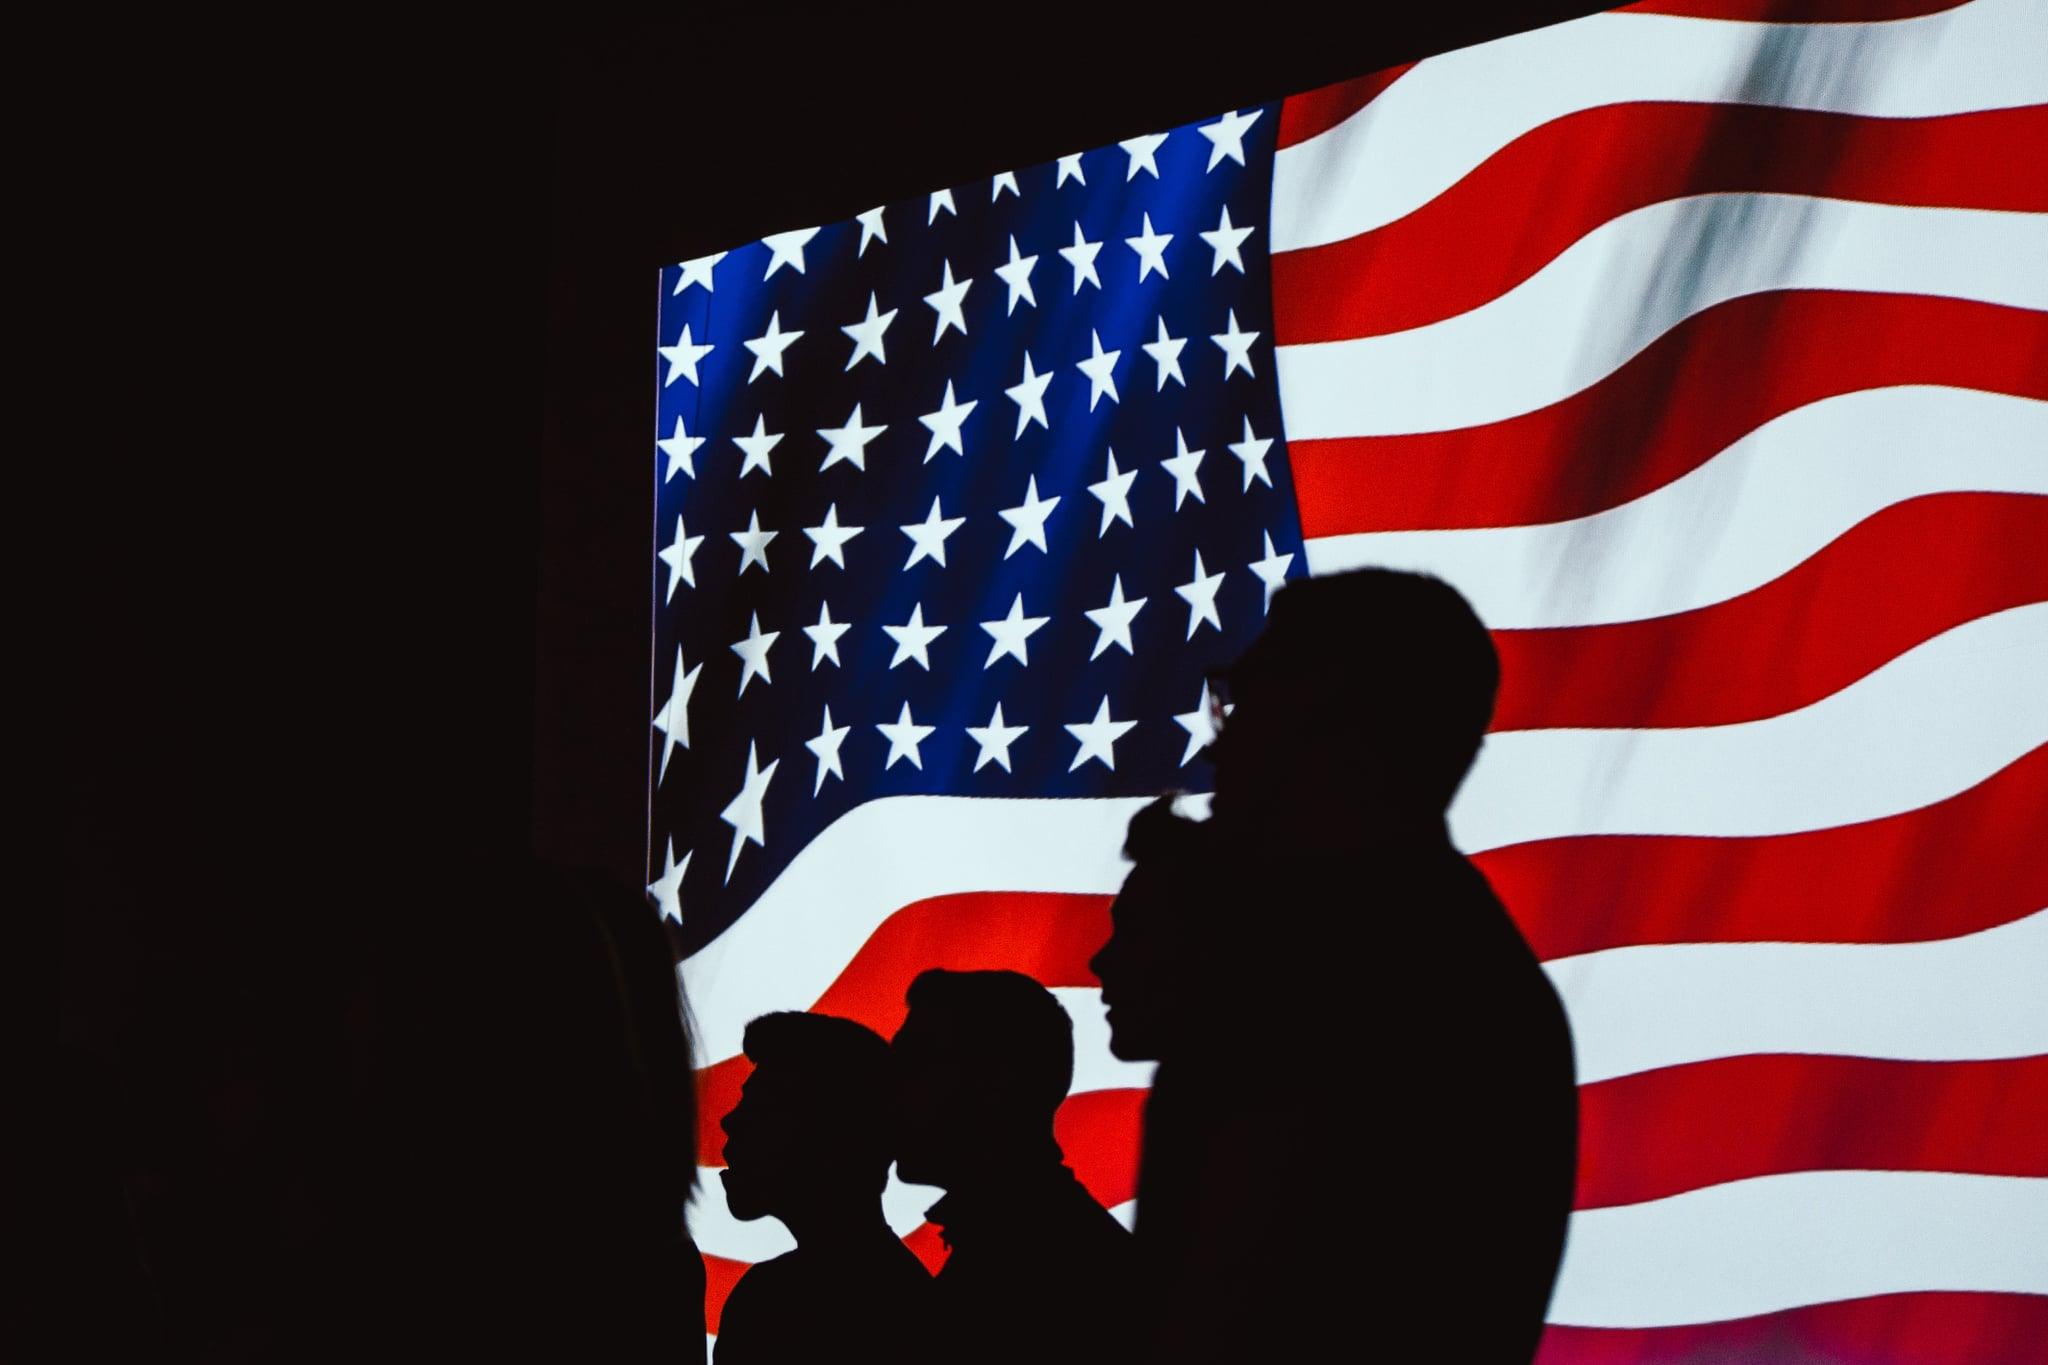 tmp_pzoJ7u_8f952897a276f9bb_administration-american-flag-banner-1046399.jpg